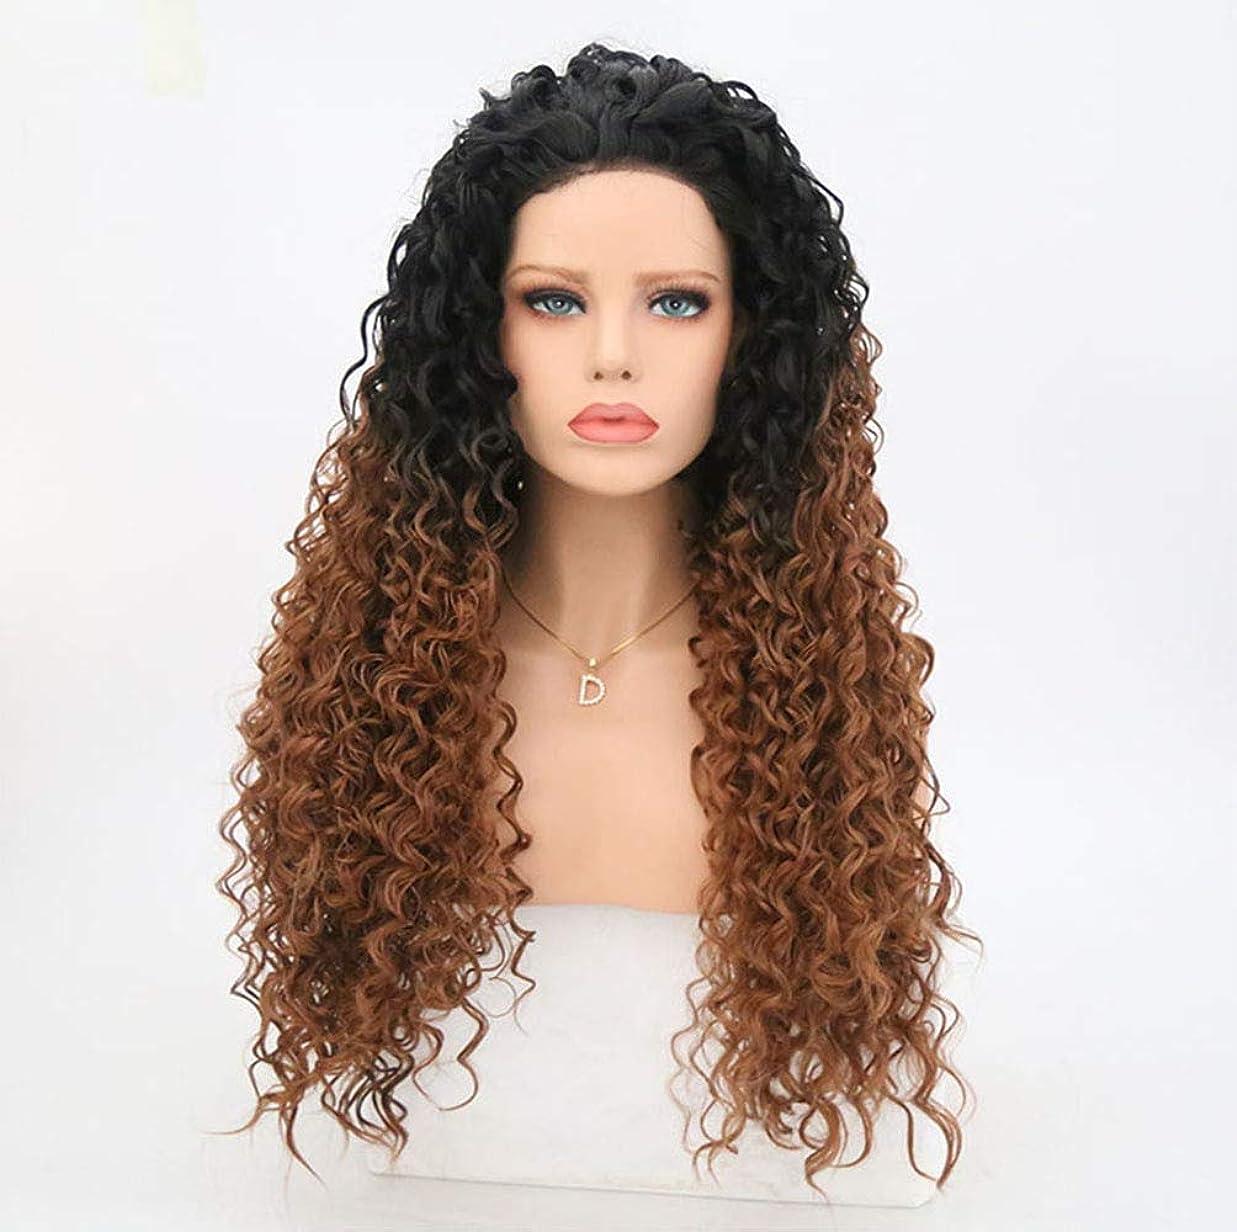 適応洞察力のあるコンチネンタルかつら女性130%密度合成ロングヘアかつら自然な波カーリーレースフロントかつらで赤ん坊の毛